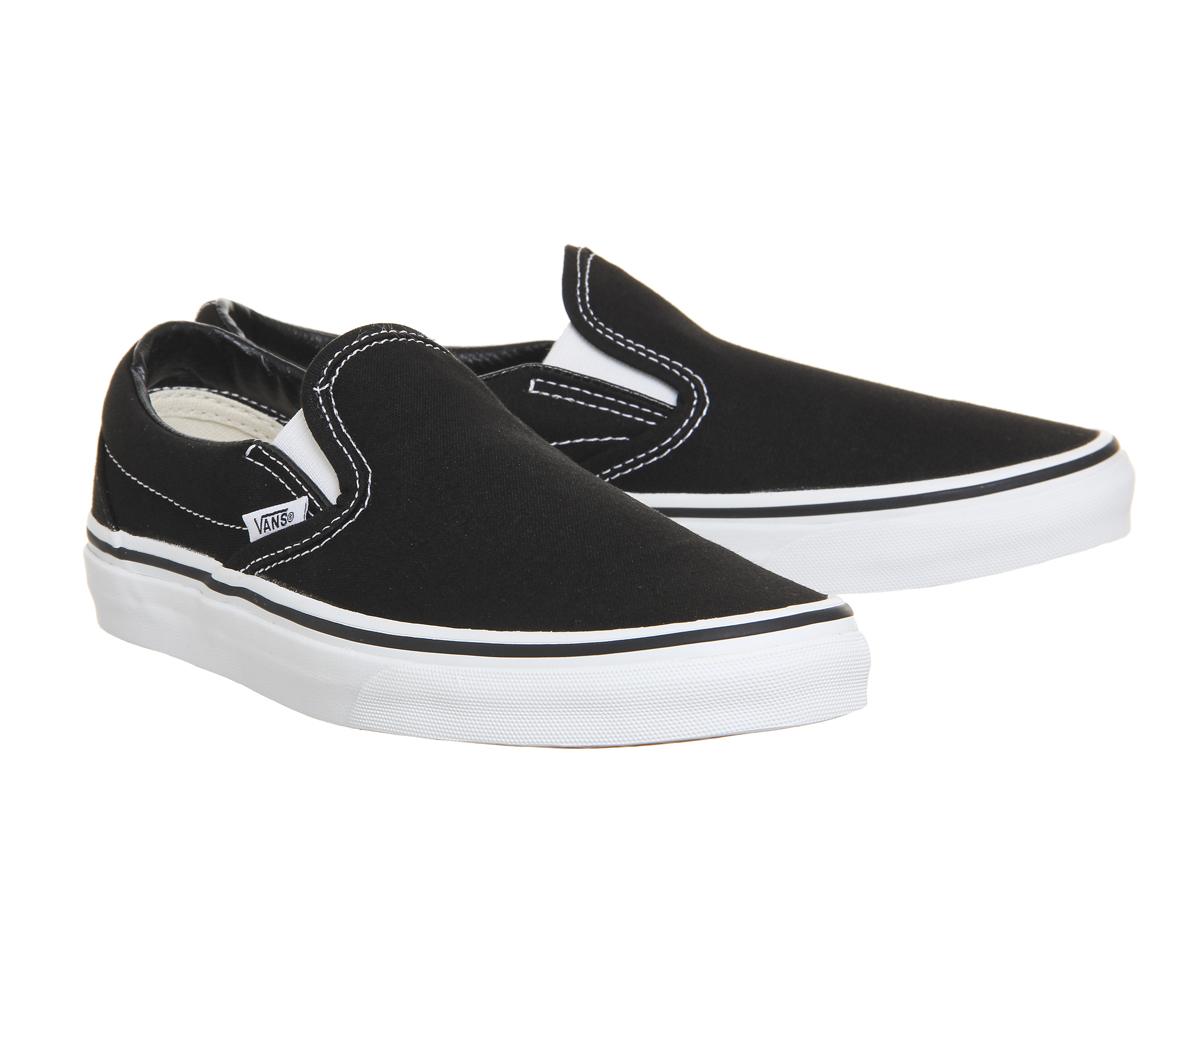 fa9e7f157c Zapatillas para hombre Vans Classic Slip On Negro Blanco Zapatillas ...